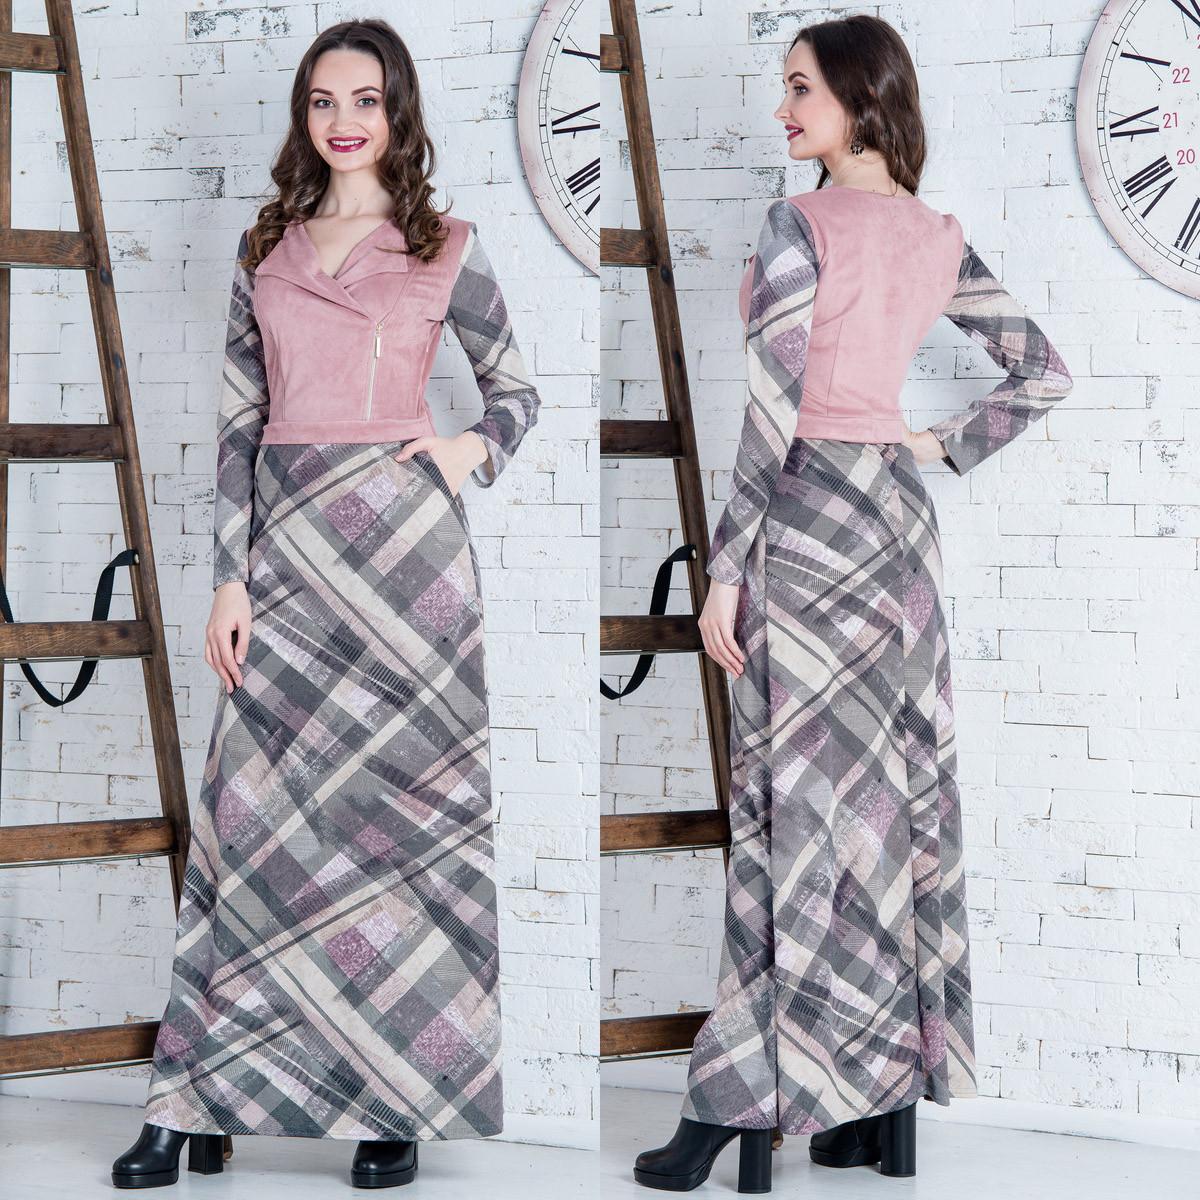 821653dab1e Женские трикотажные платья